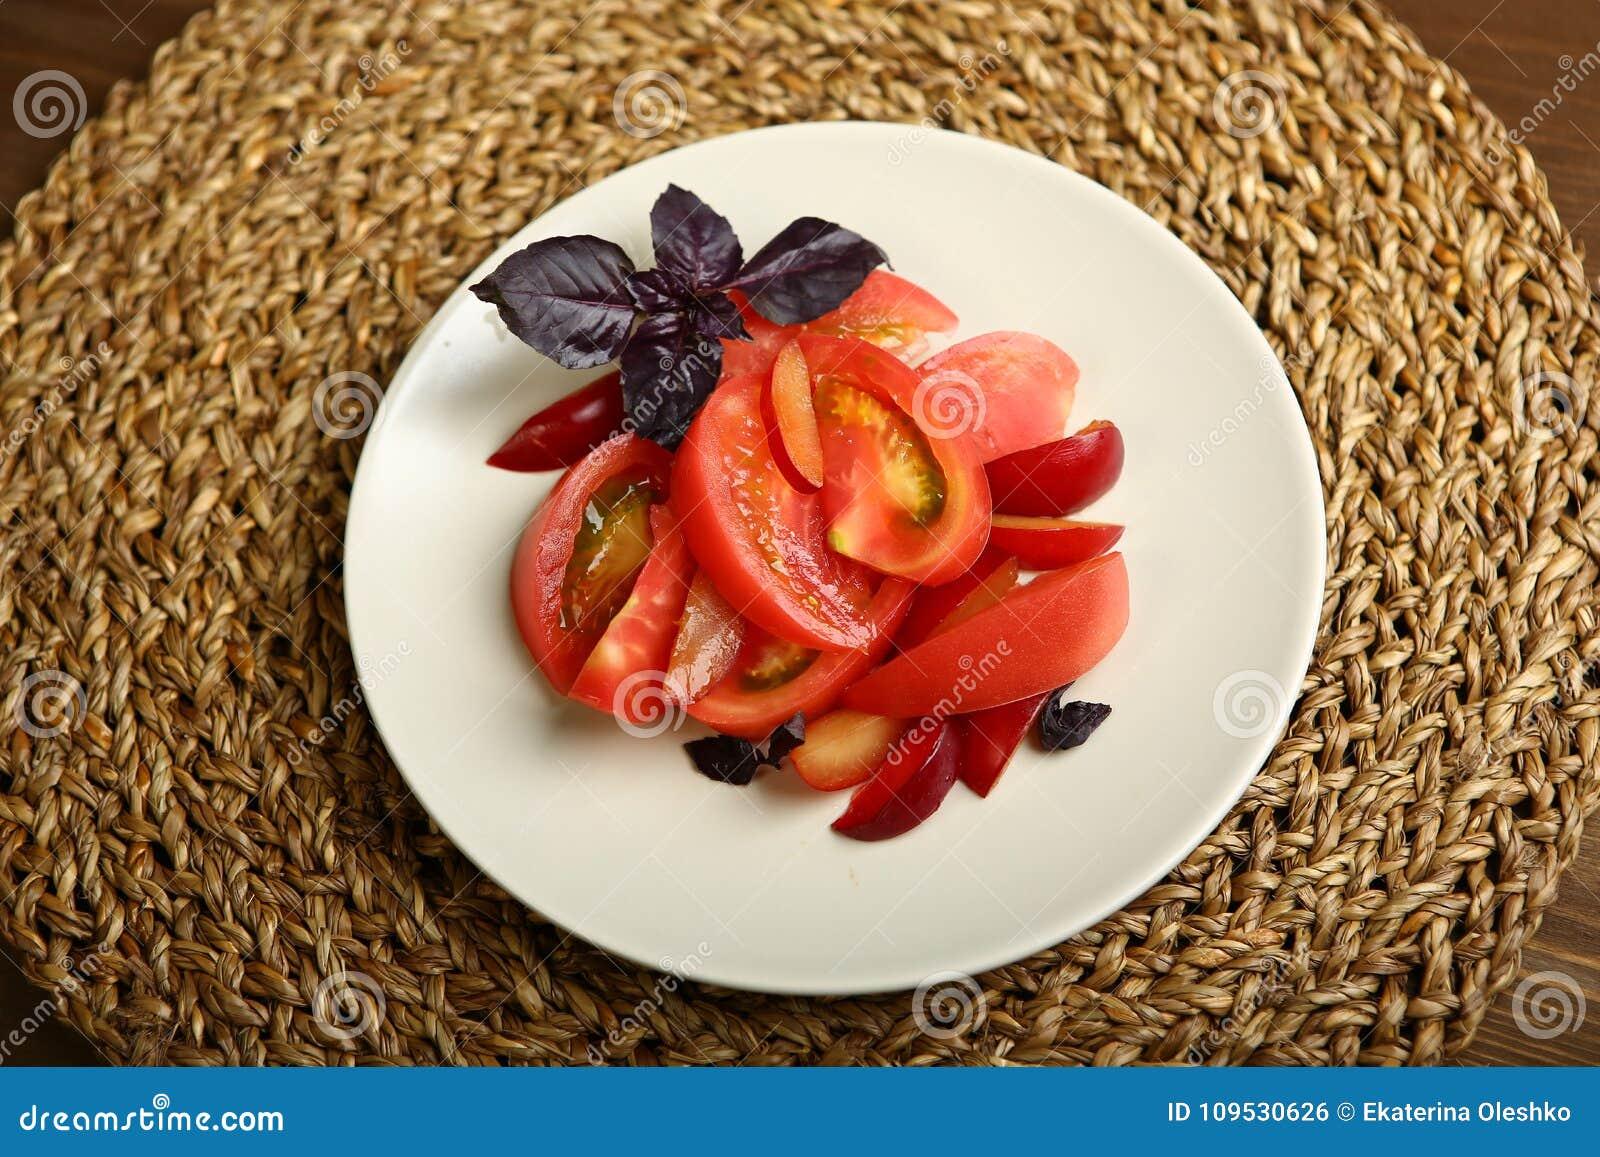 Salade van tomaat en rode pruimen met basilicum voor een gezonde voeding